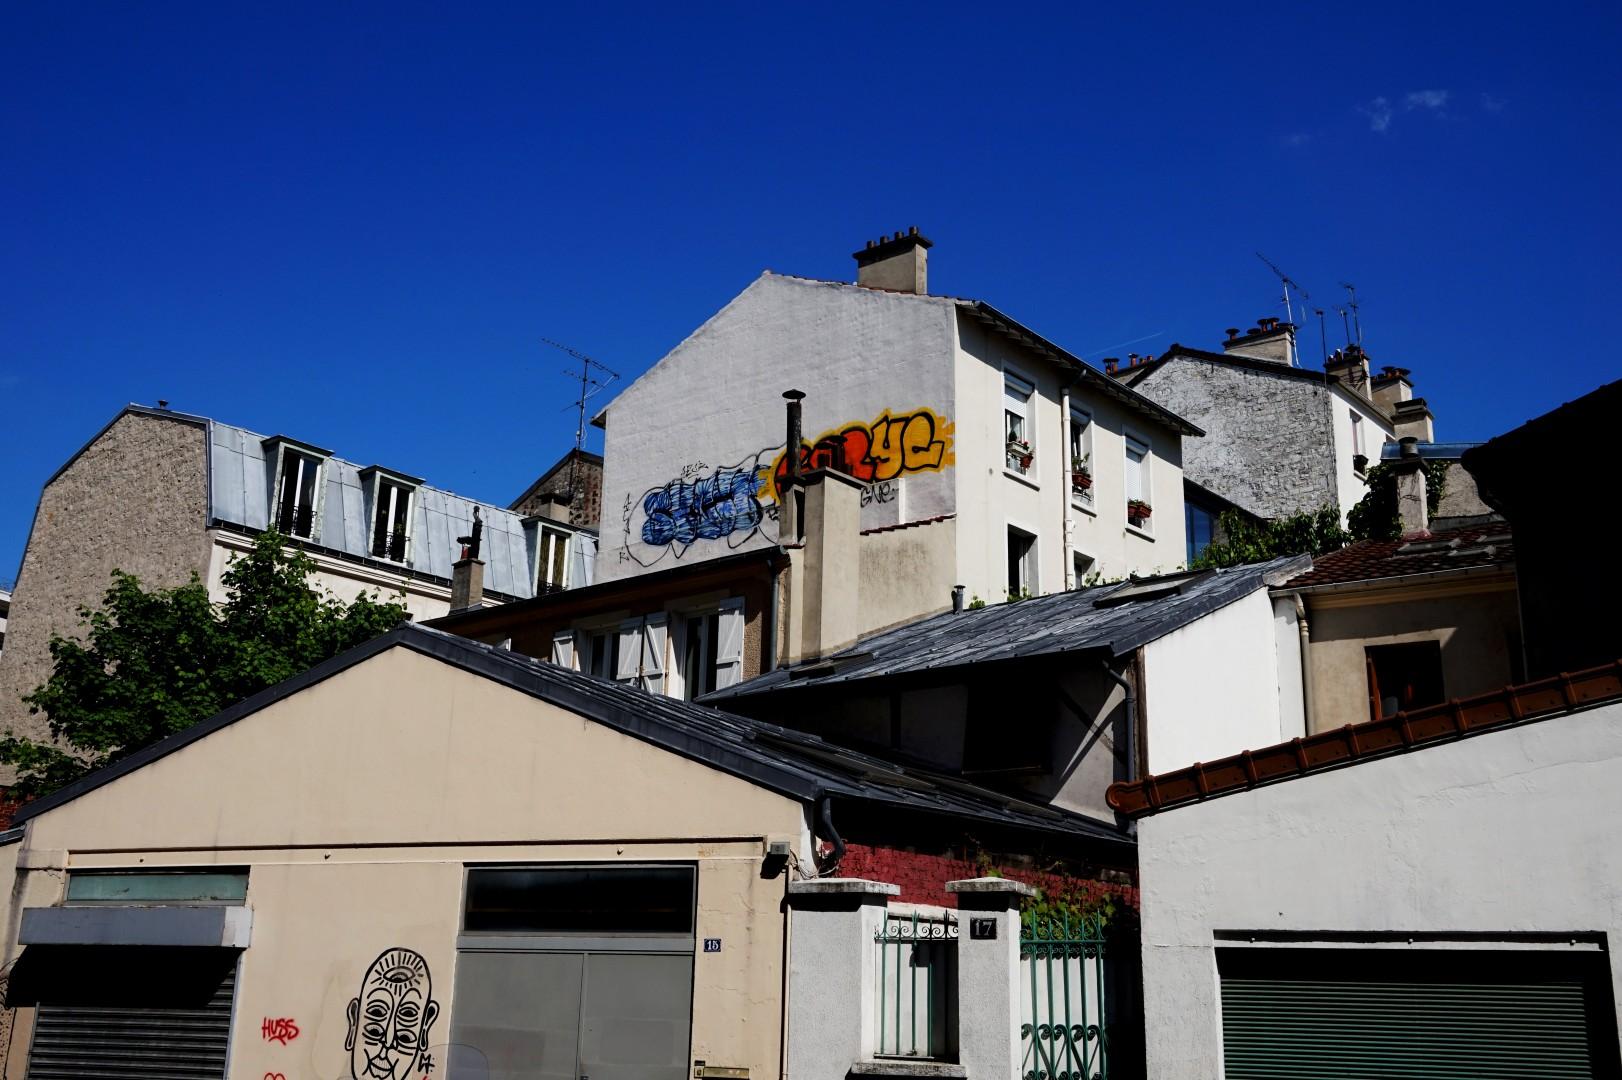 Balade autour de la Butte aux Cailles (Paris 13e)